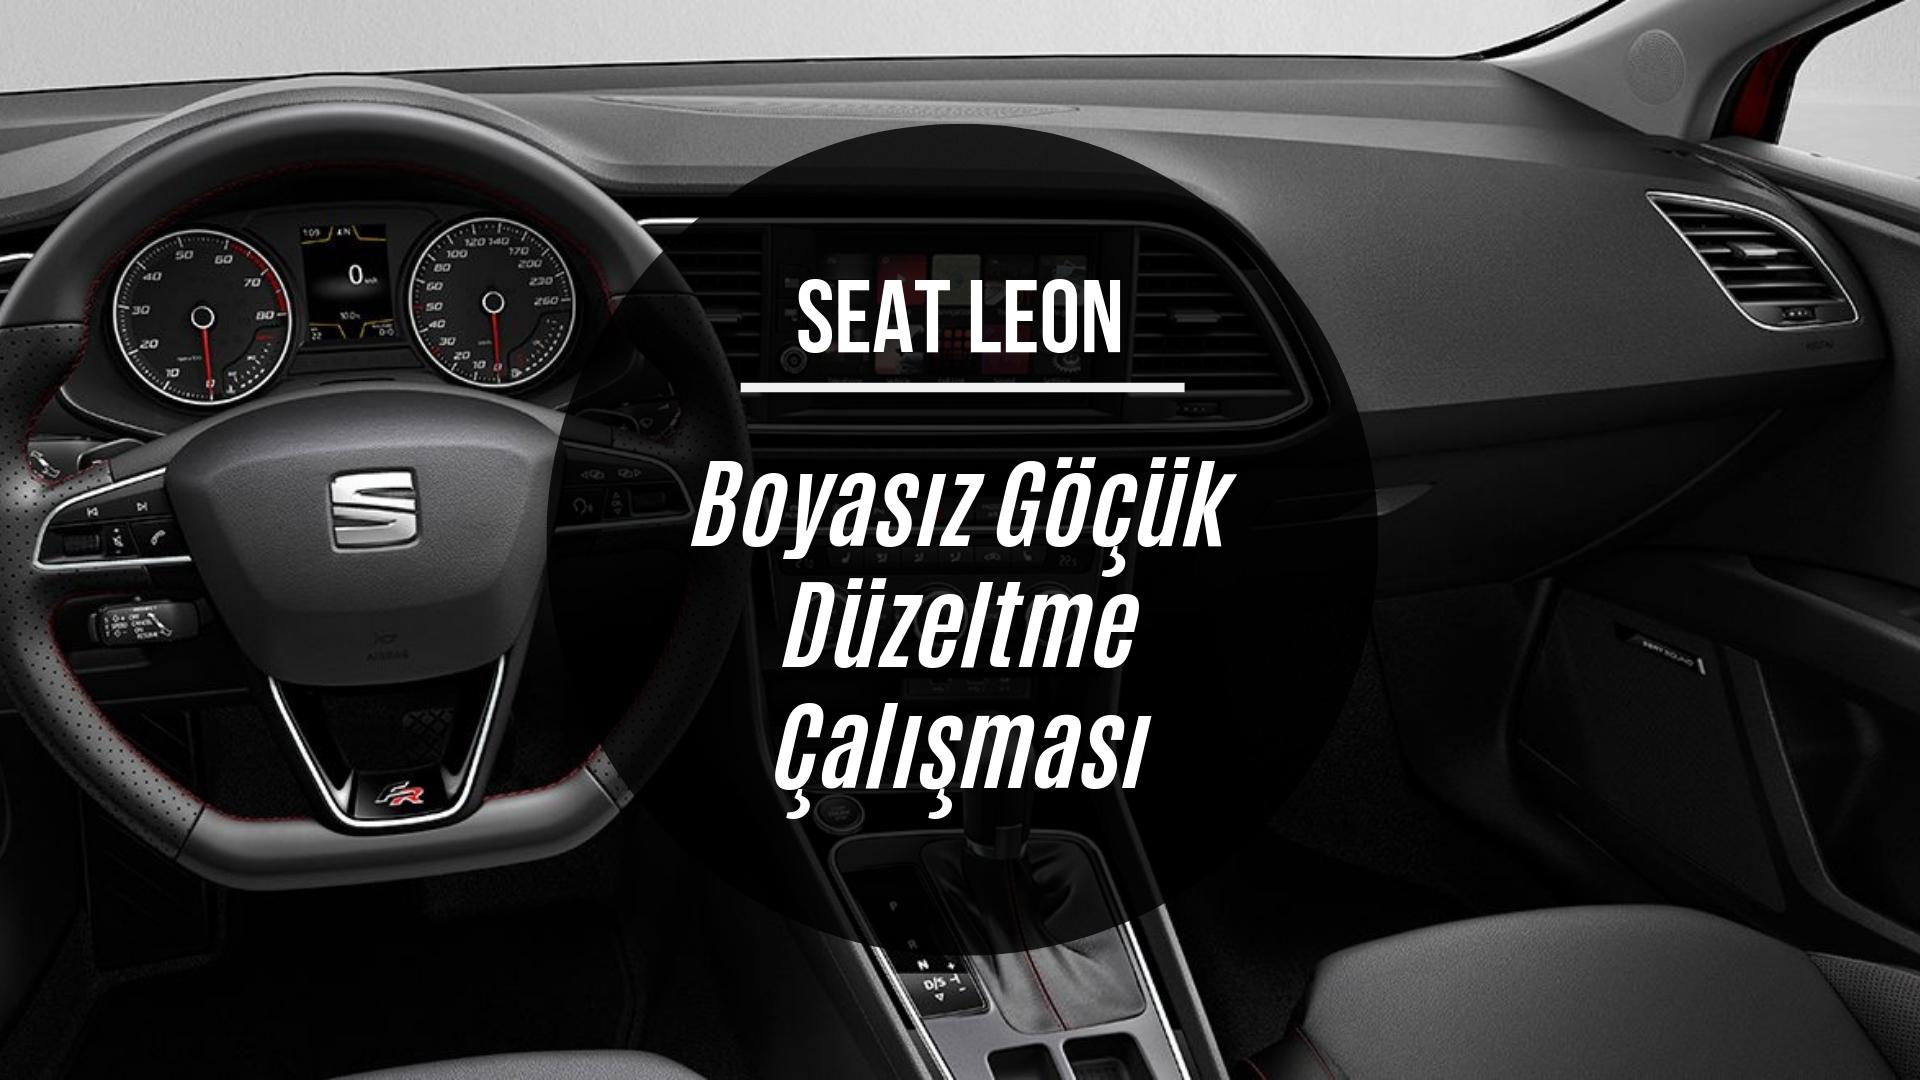 Seat Leon Boyasız Göçük Düzeltme Uygulaması